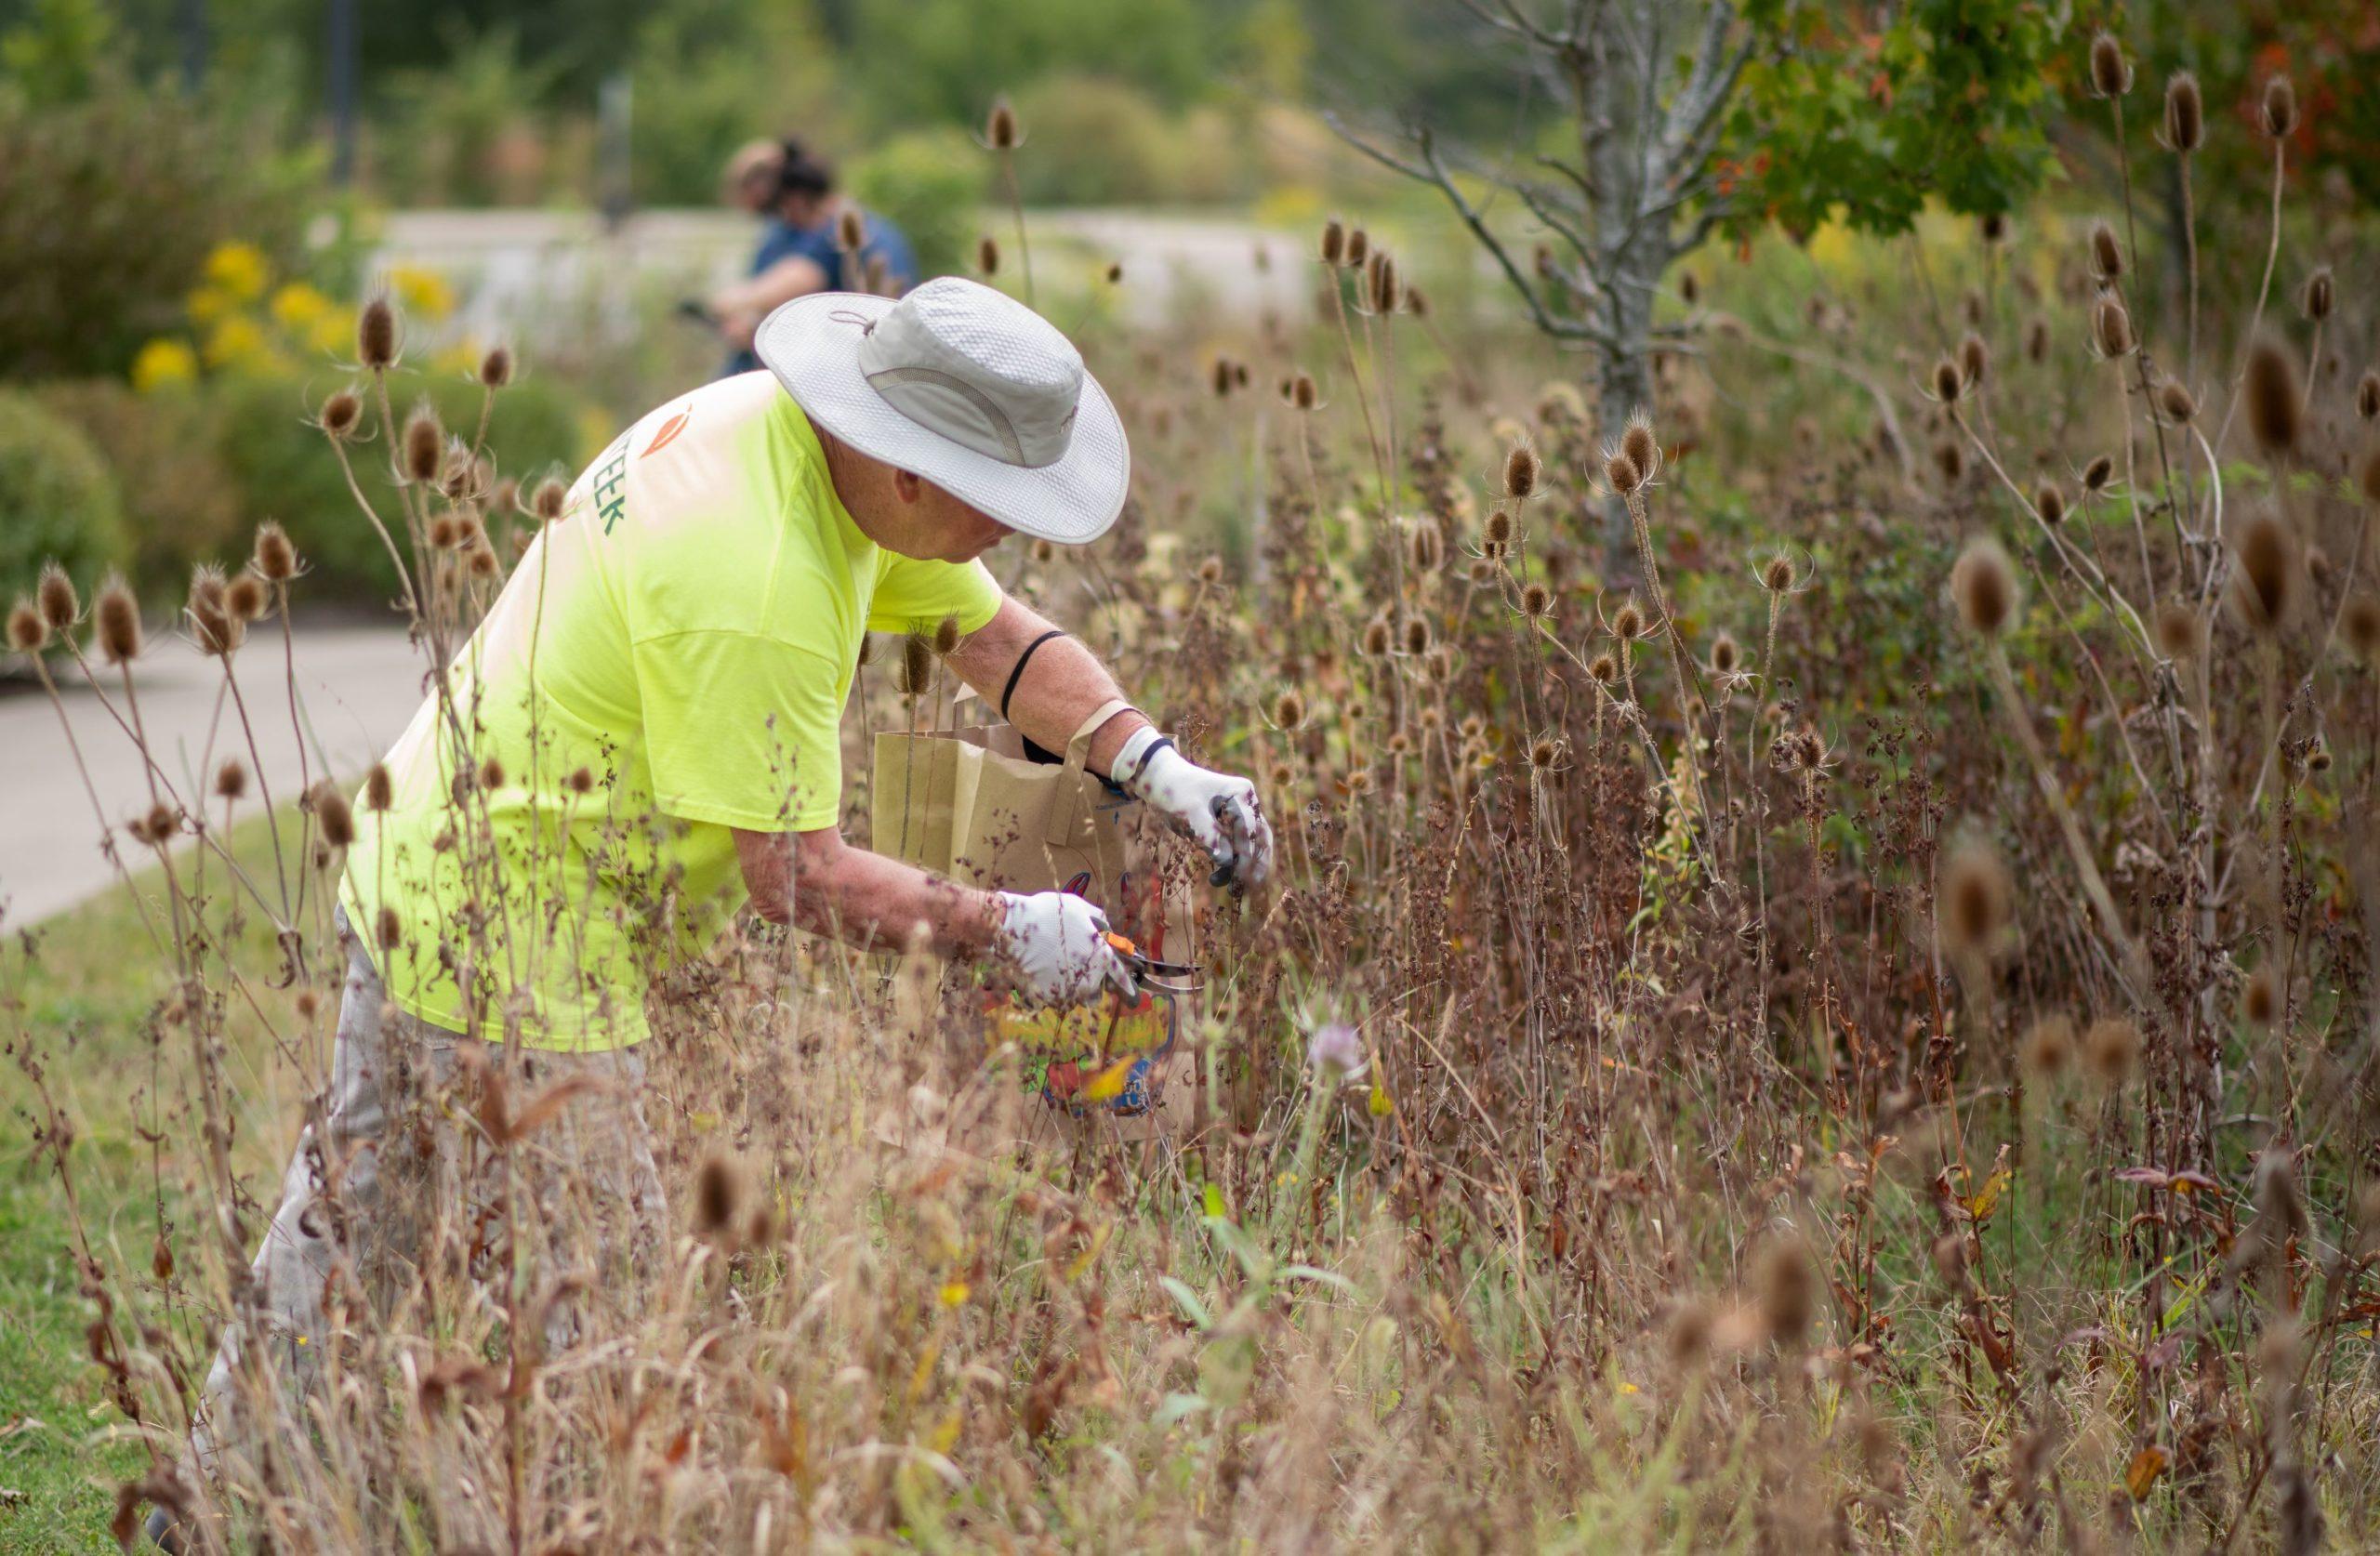 Volunteer working at park